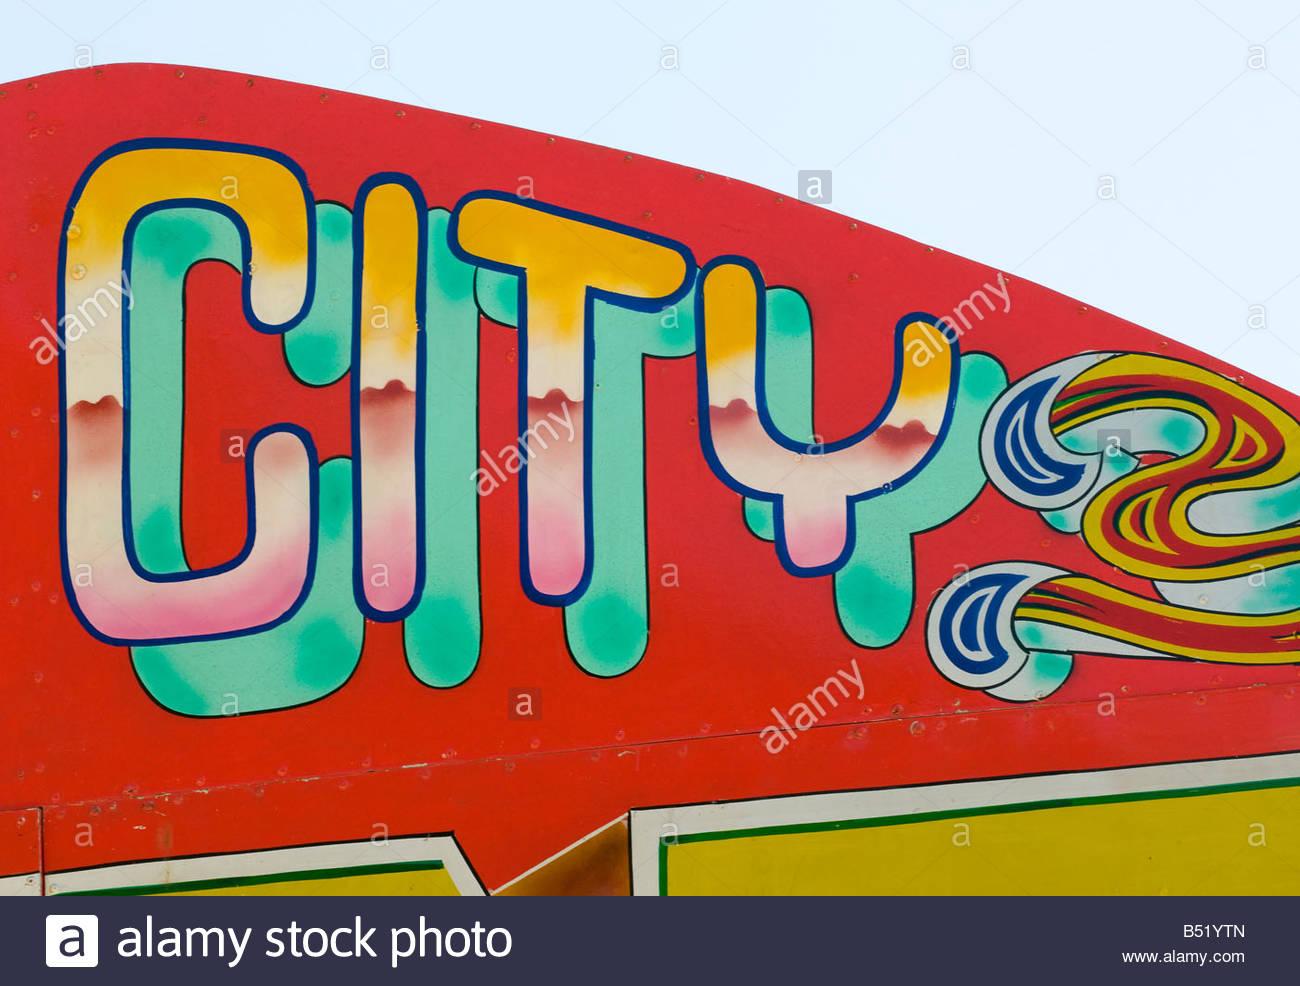 Segno della città fiera del divertimento stile design tipografia Immagini Stock